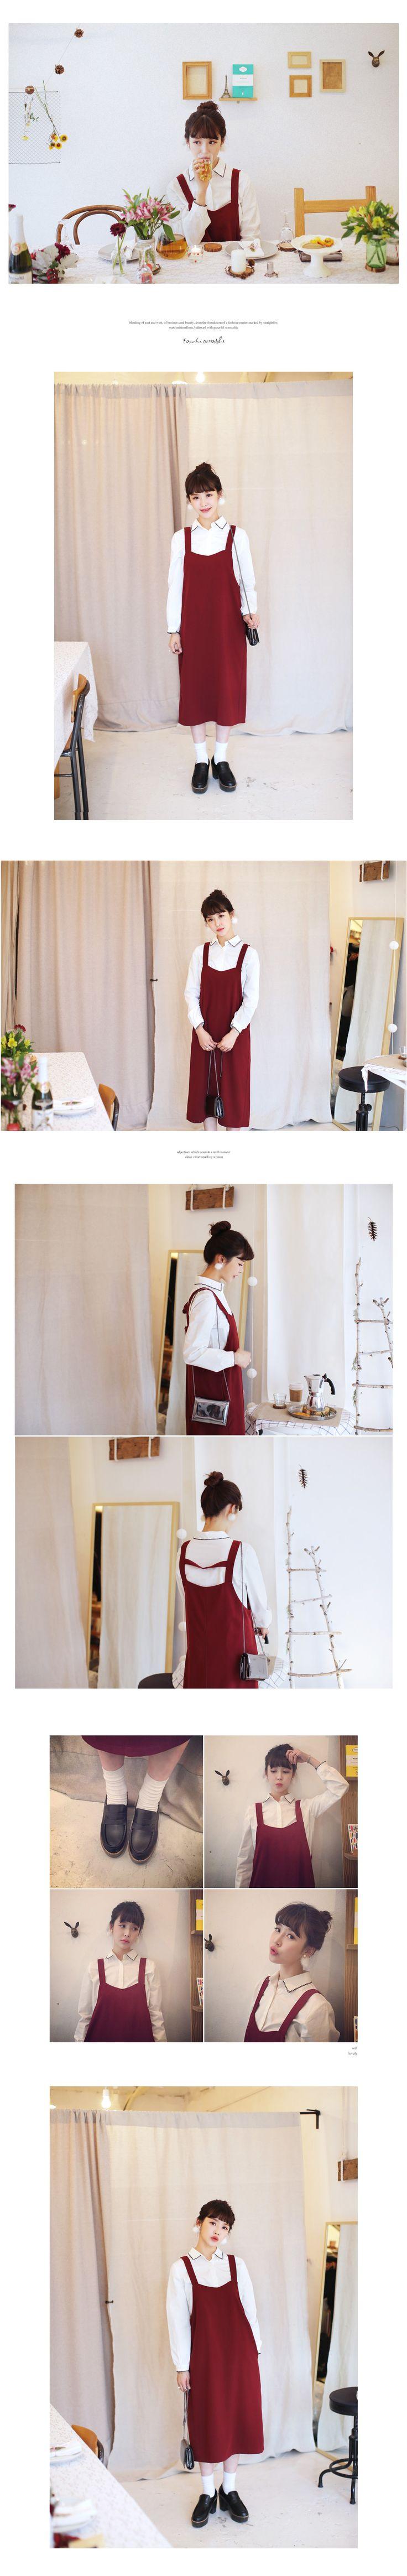 ディープカラーサロペットワンピース・全3色ドレス・ワンピドレス・ワンピ|レディースファッション通販 DHOLICディーホリック [ファストファッション 水着 ワンピース]